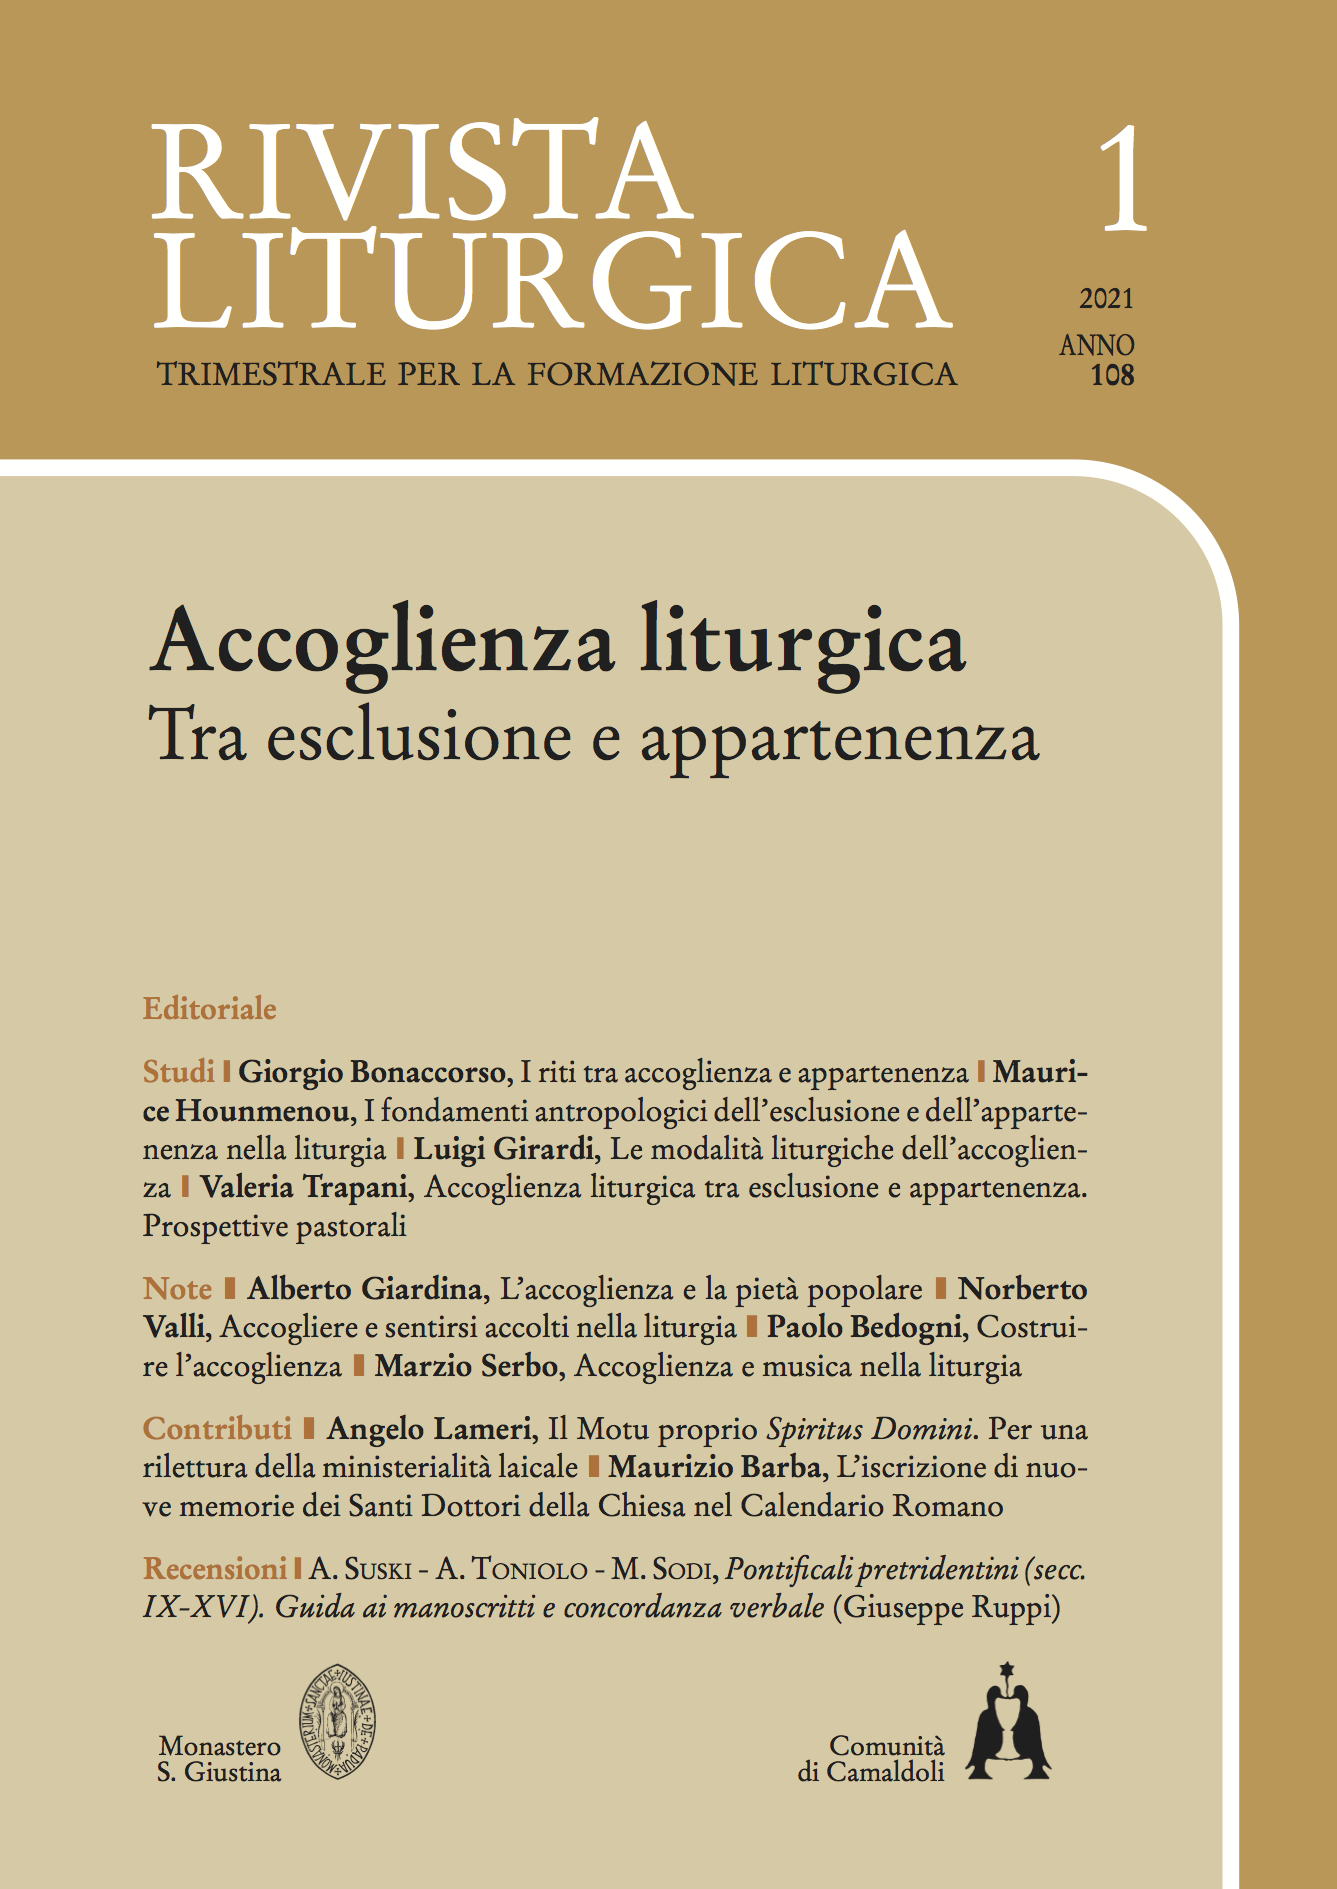 Accoglienza liturgica